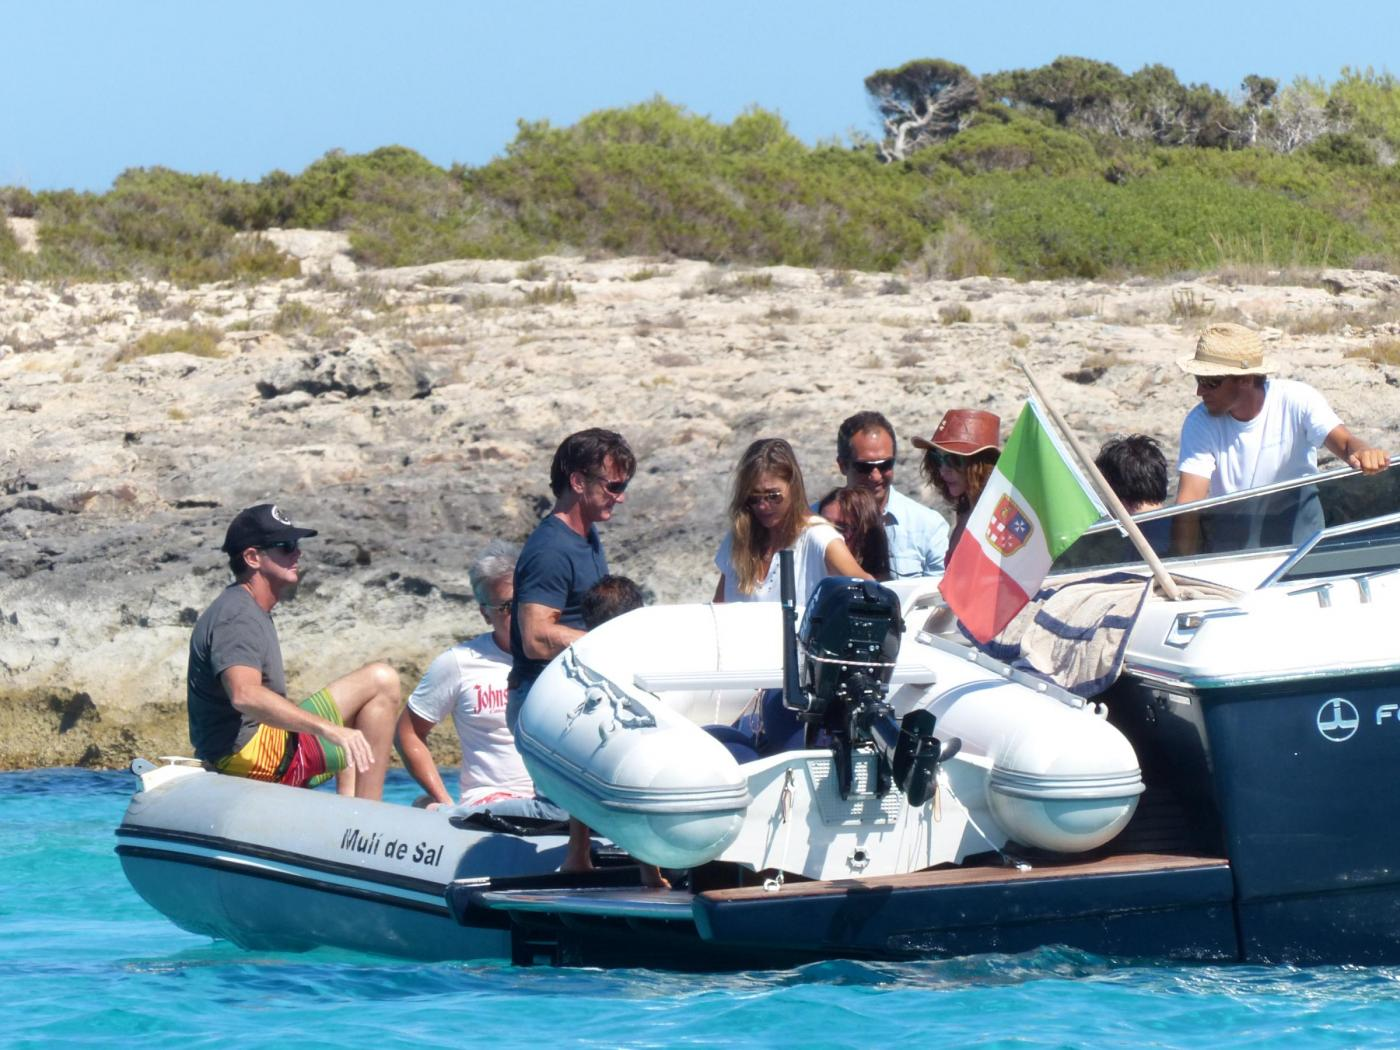 Sean Penn super tonico a Ibiza con la modella Cristina Piaget 01